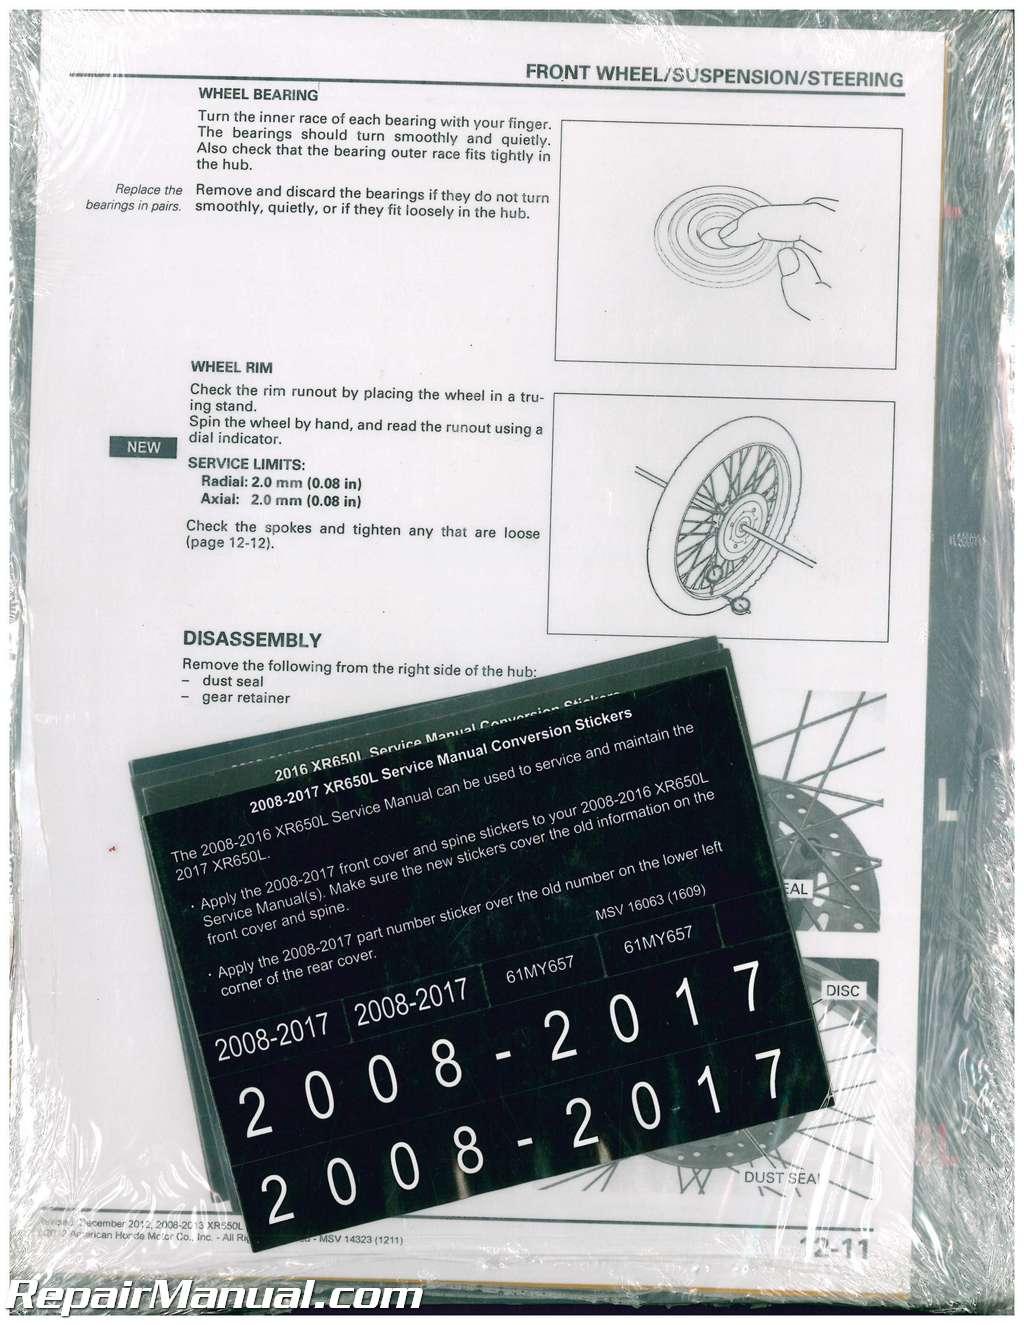 2008 2017 honda xr650l dual sport motorcycle service manual rh repairmanual com